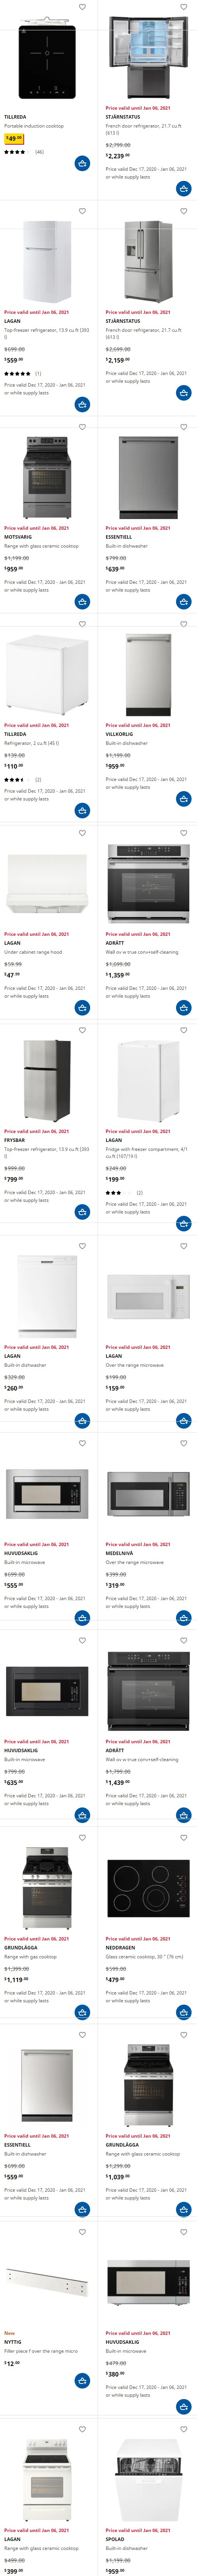 IKEA 宜家 节礼周大促,指定款厨房大家电全场8折!